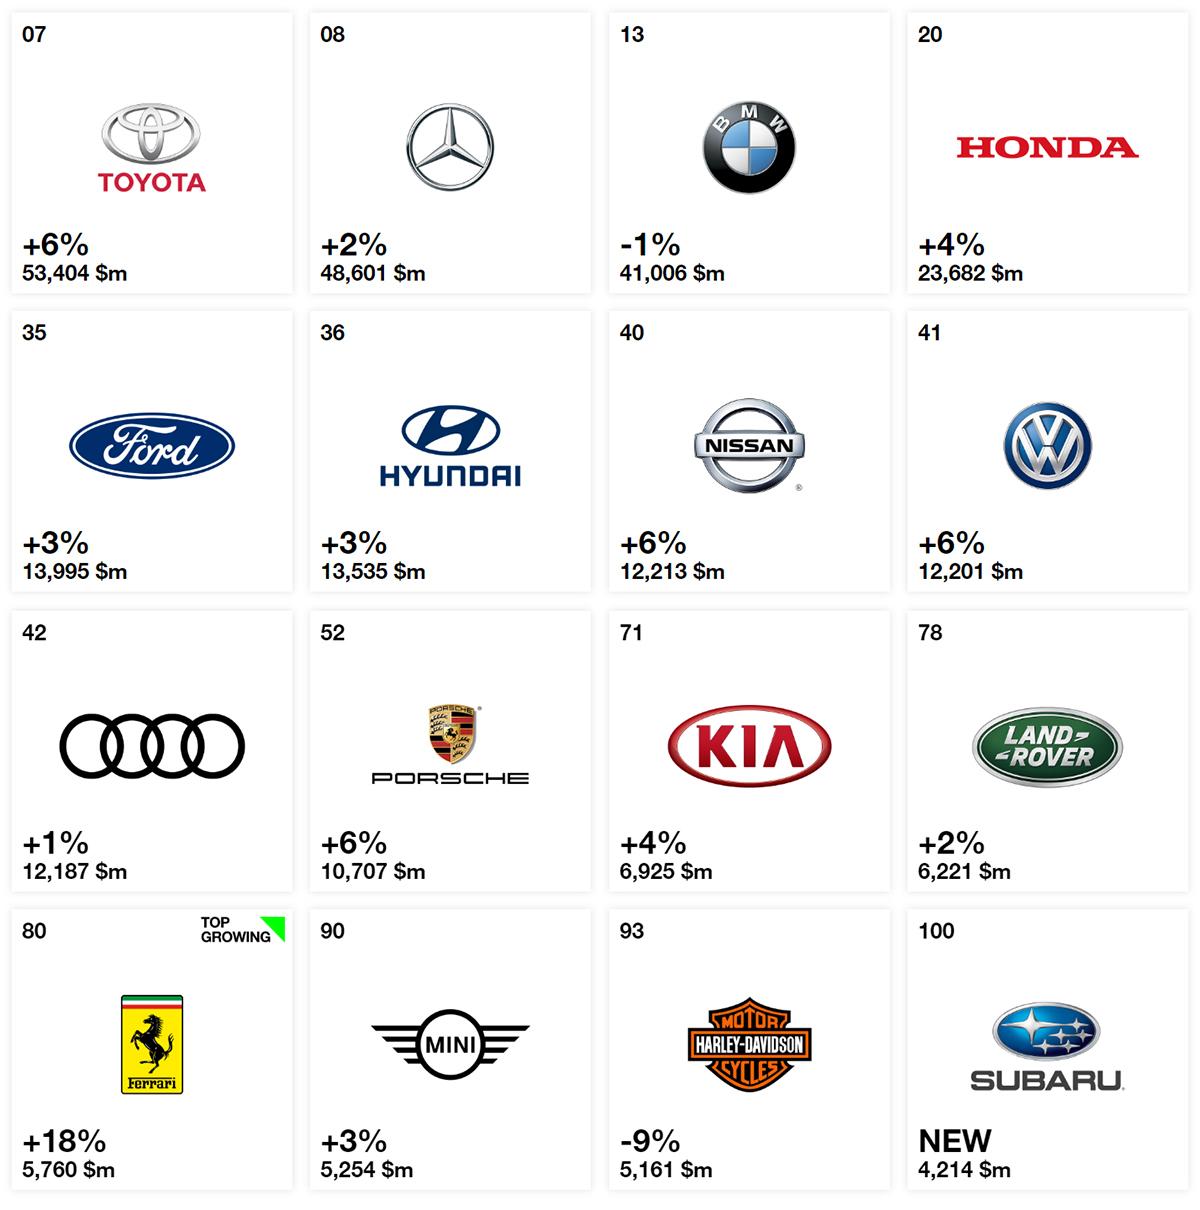 2018 全球百大品牌榜出炉, Toyota 蝉联最具价值汽车品牌!